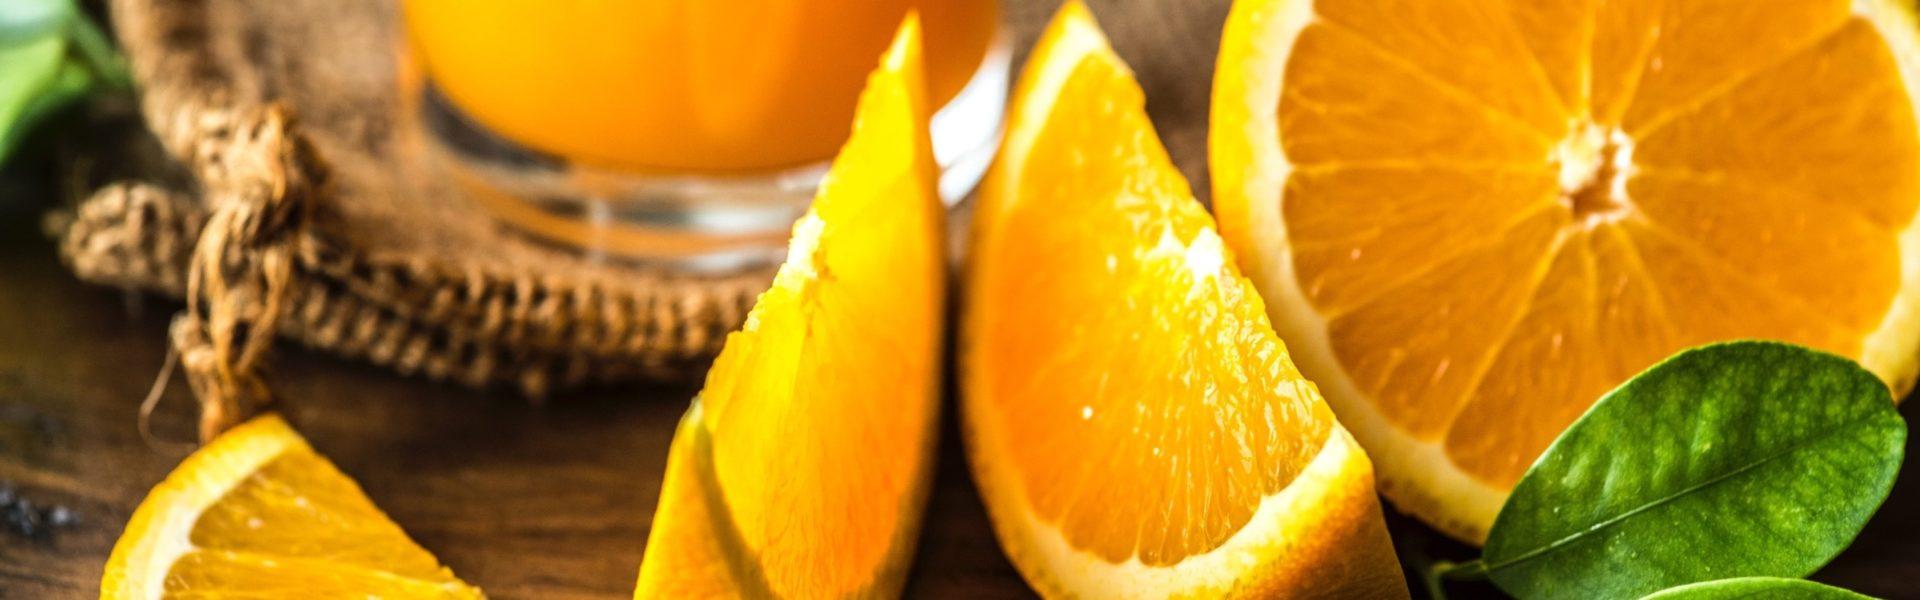 6_best_nutrients_for_healthy_teeth